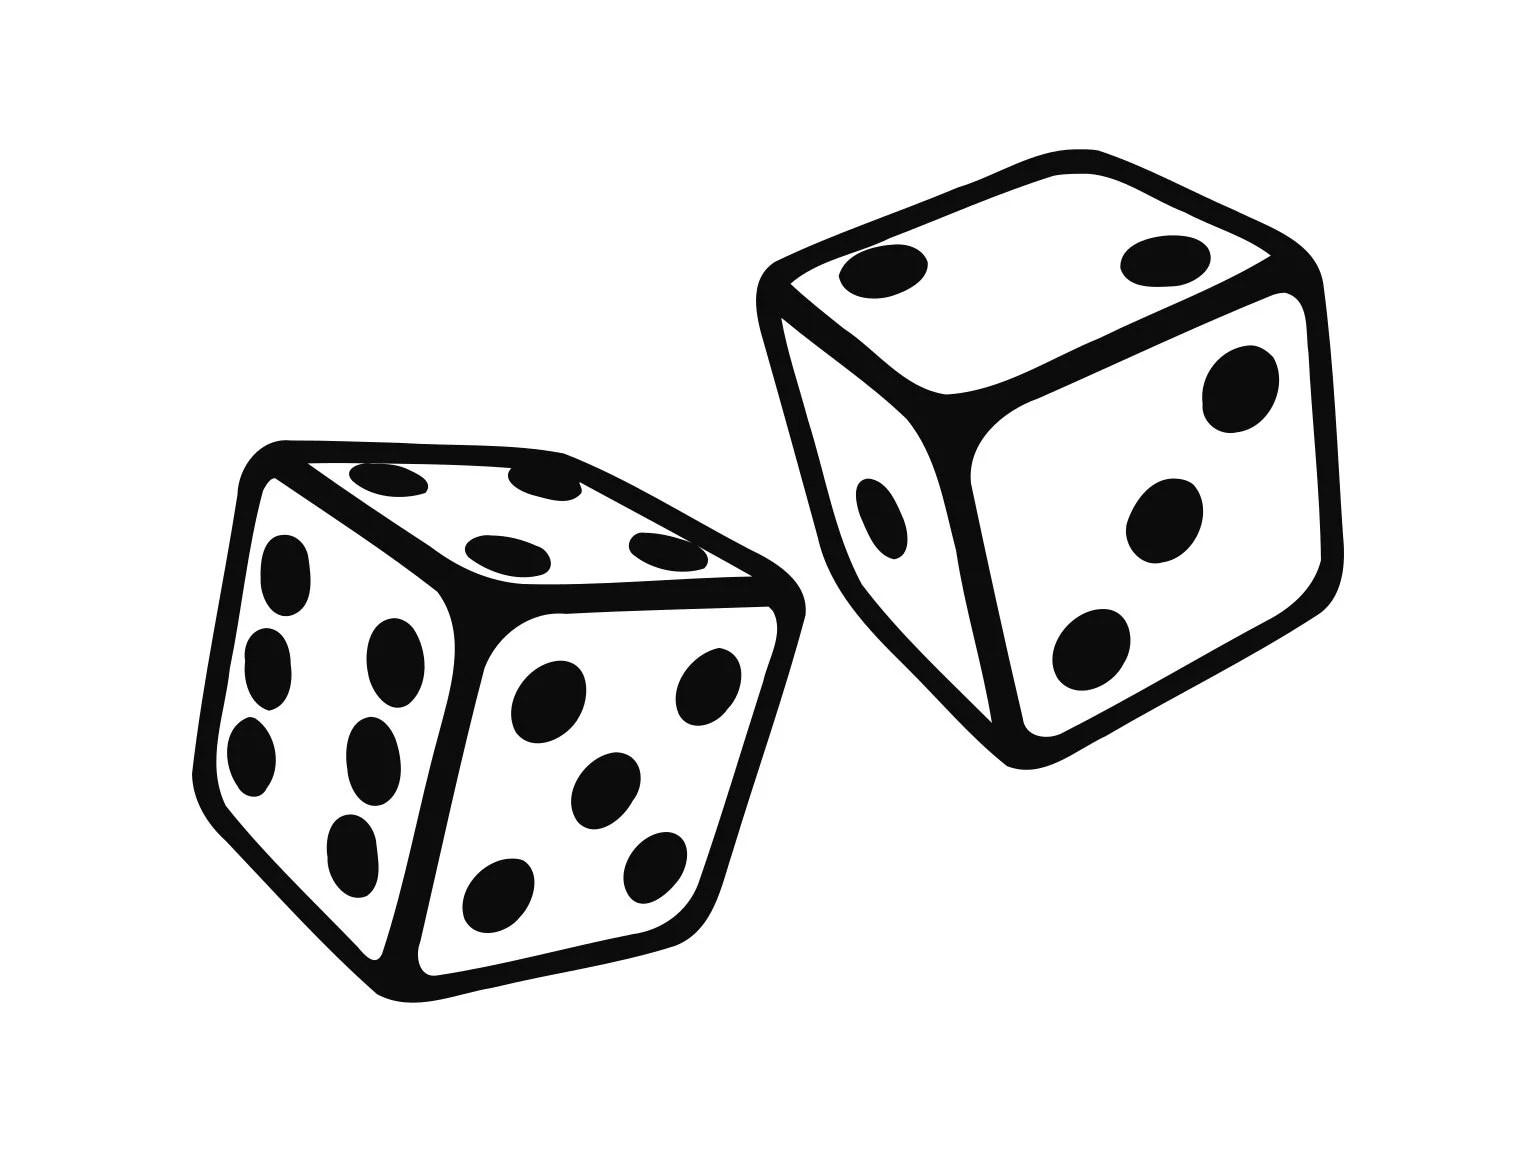 Wurfel Svg Spiel Svg Glucksspiel Clipart Clip Art